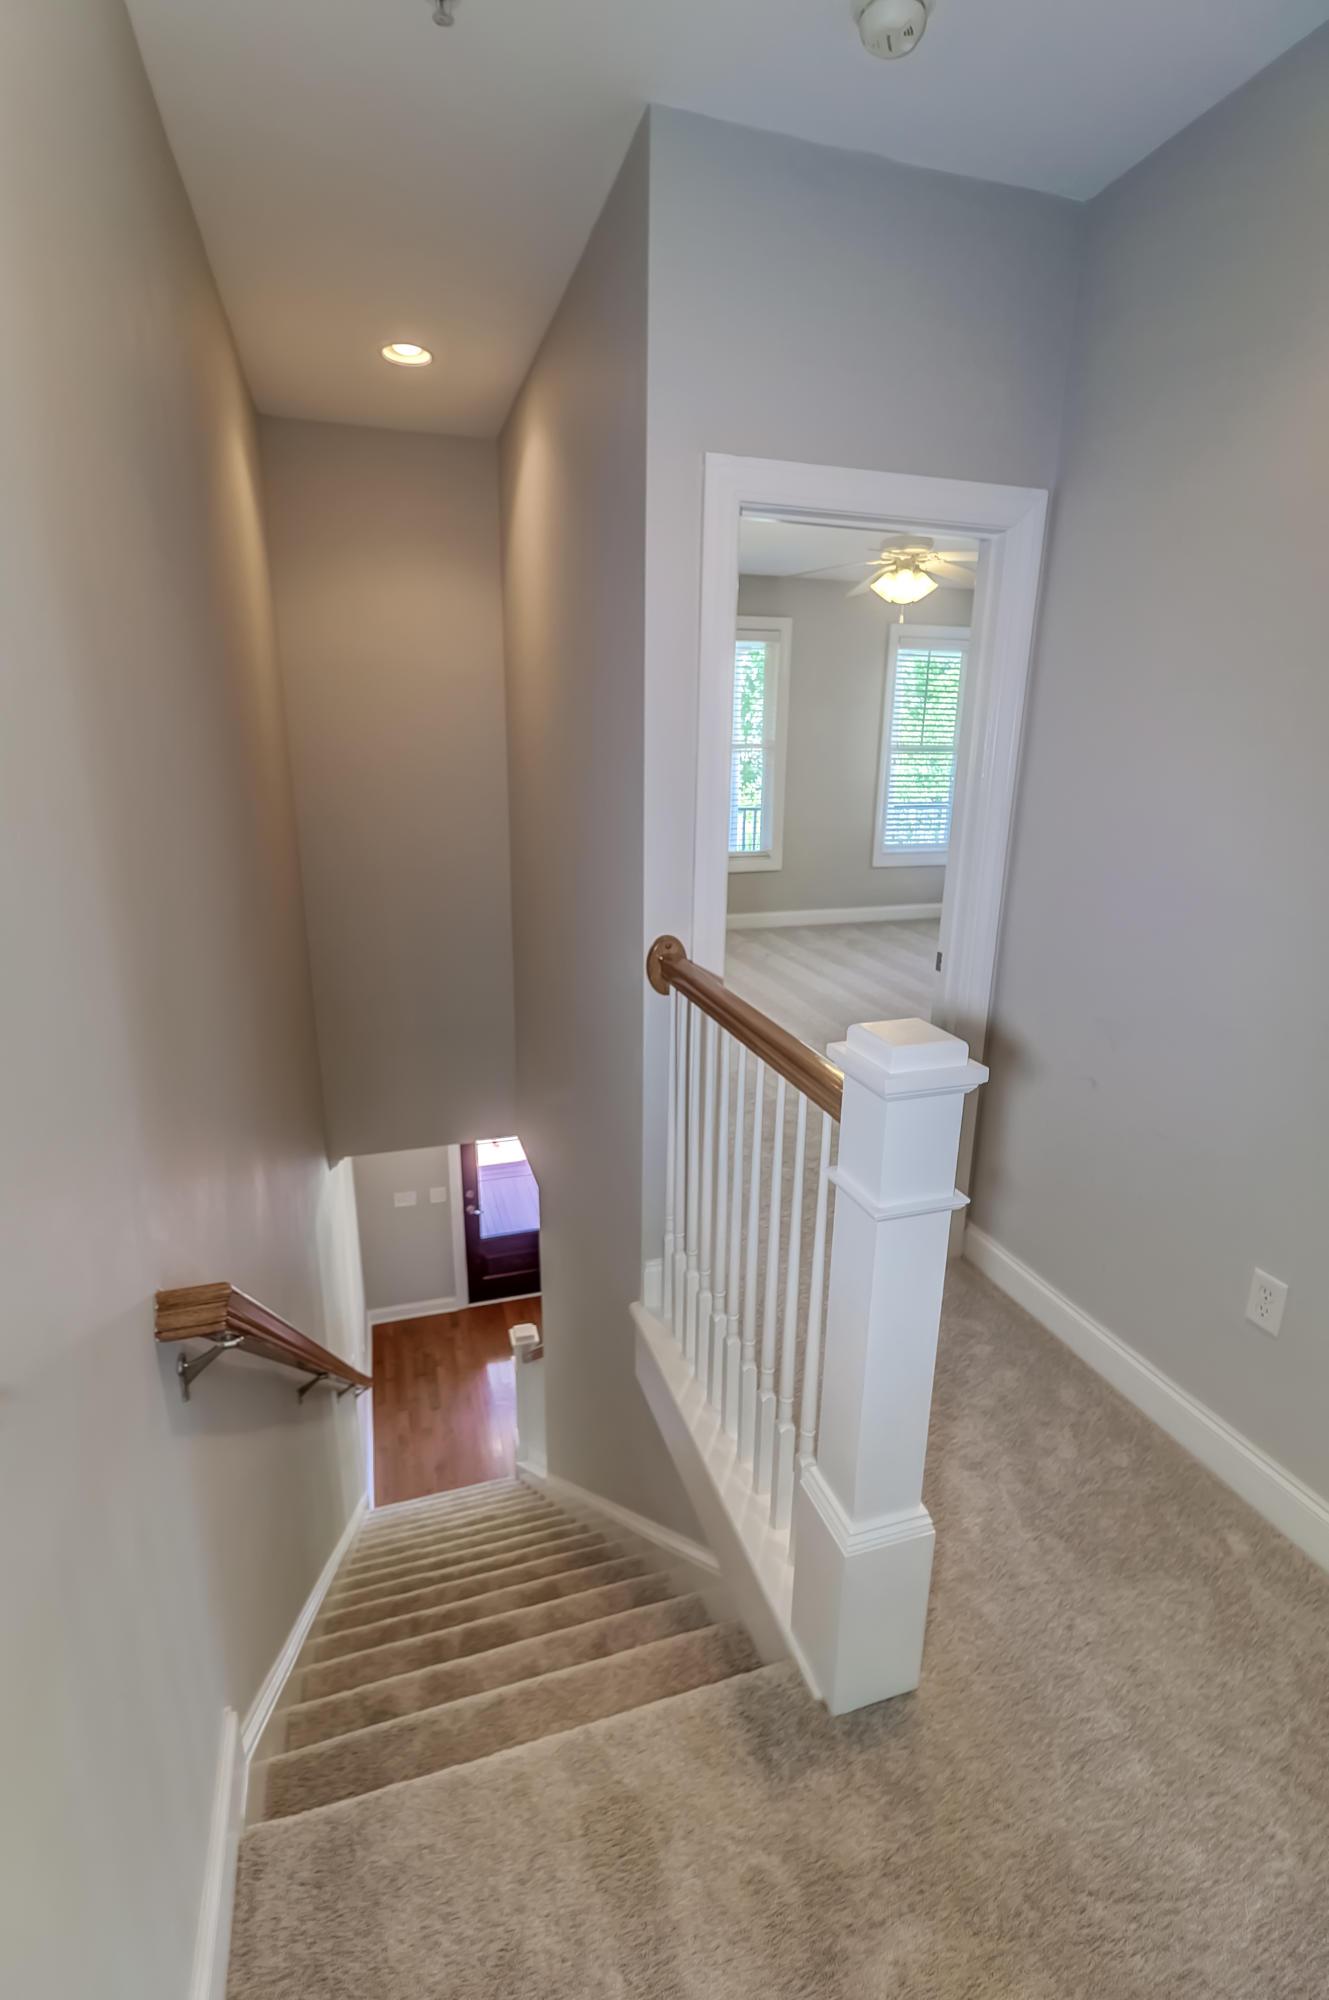 Park West Homes For Sale - 2029 Grey Marsh, Mount Pleasant, SC - 4